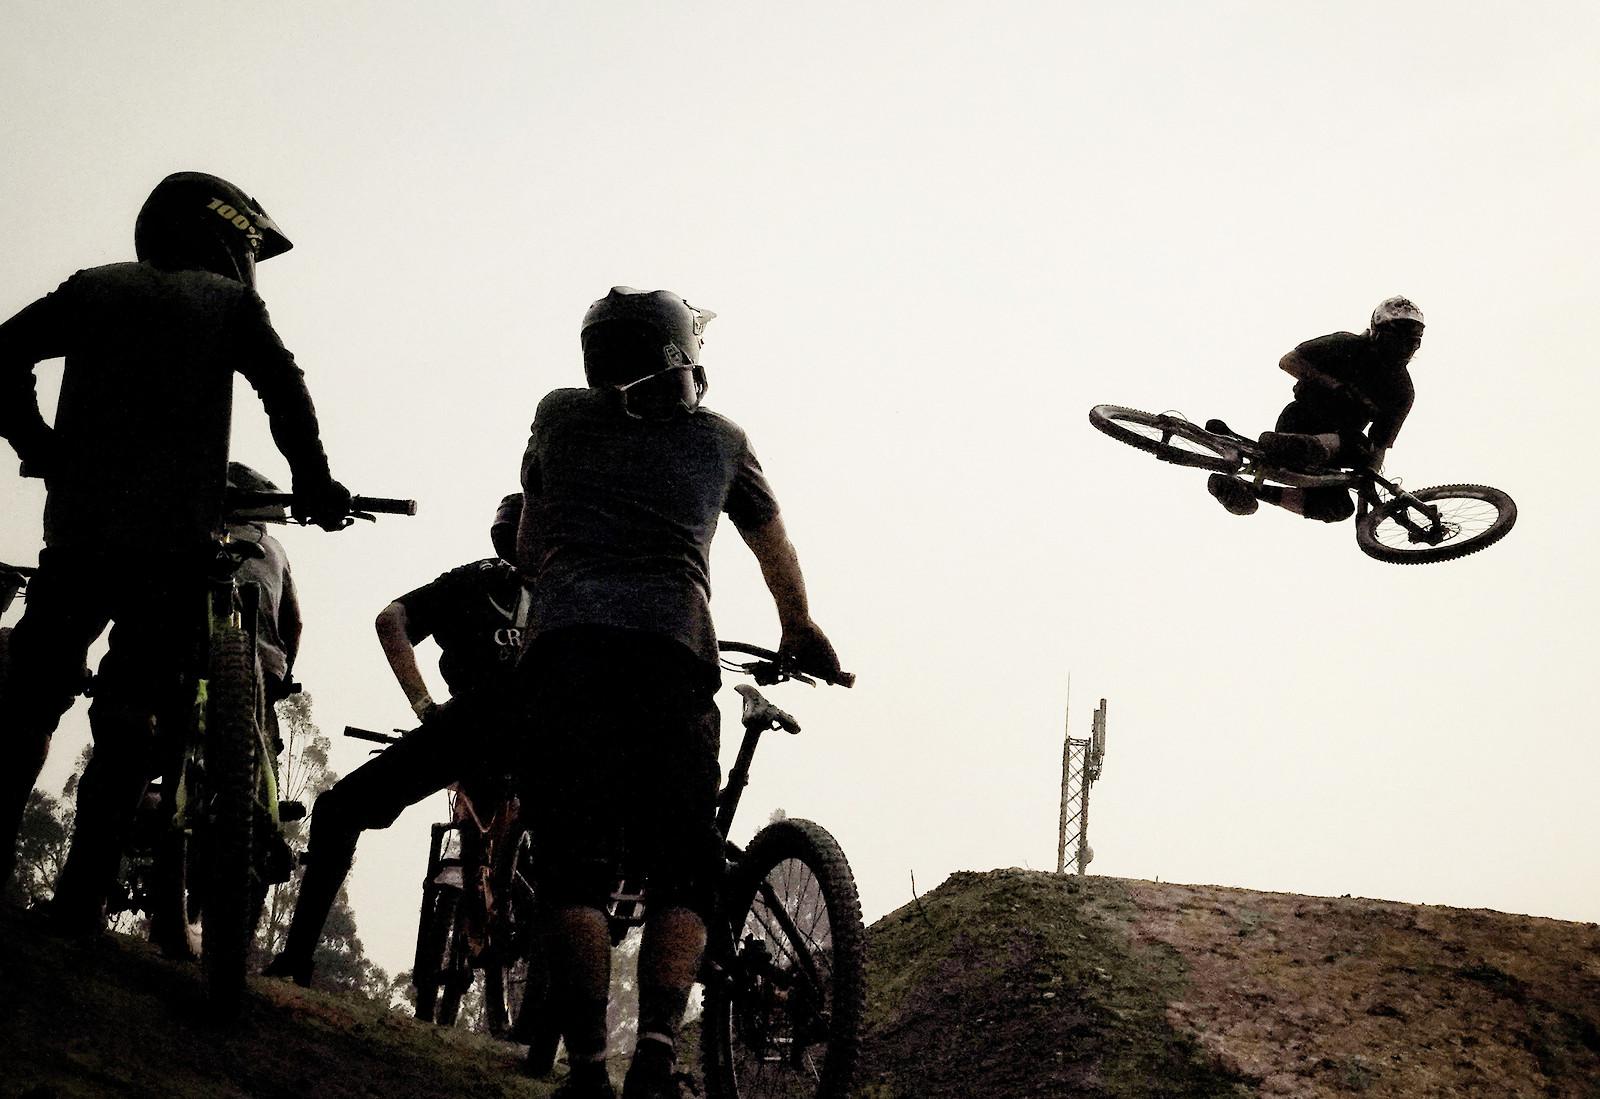 Gravity Fest Whip Off, Maydena Bike Park - digitalhippie - Mountain Biking Pictures - Vital MTB